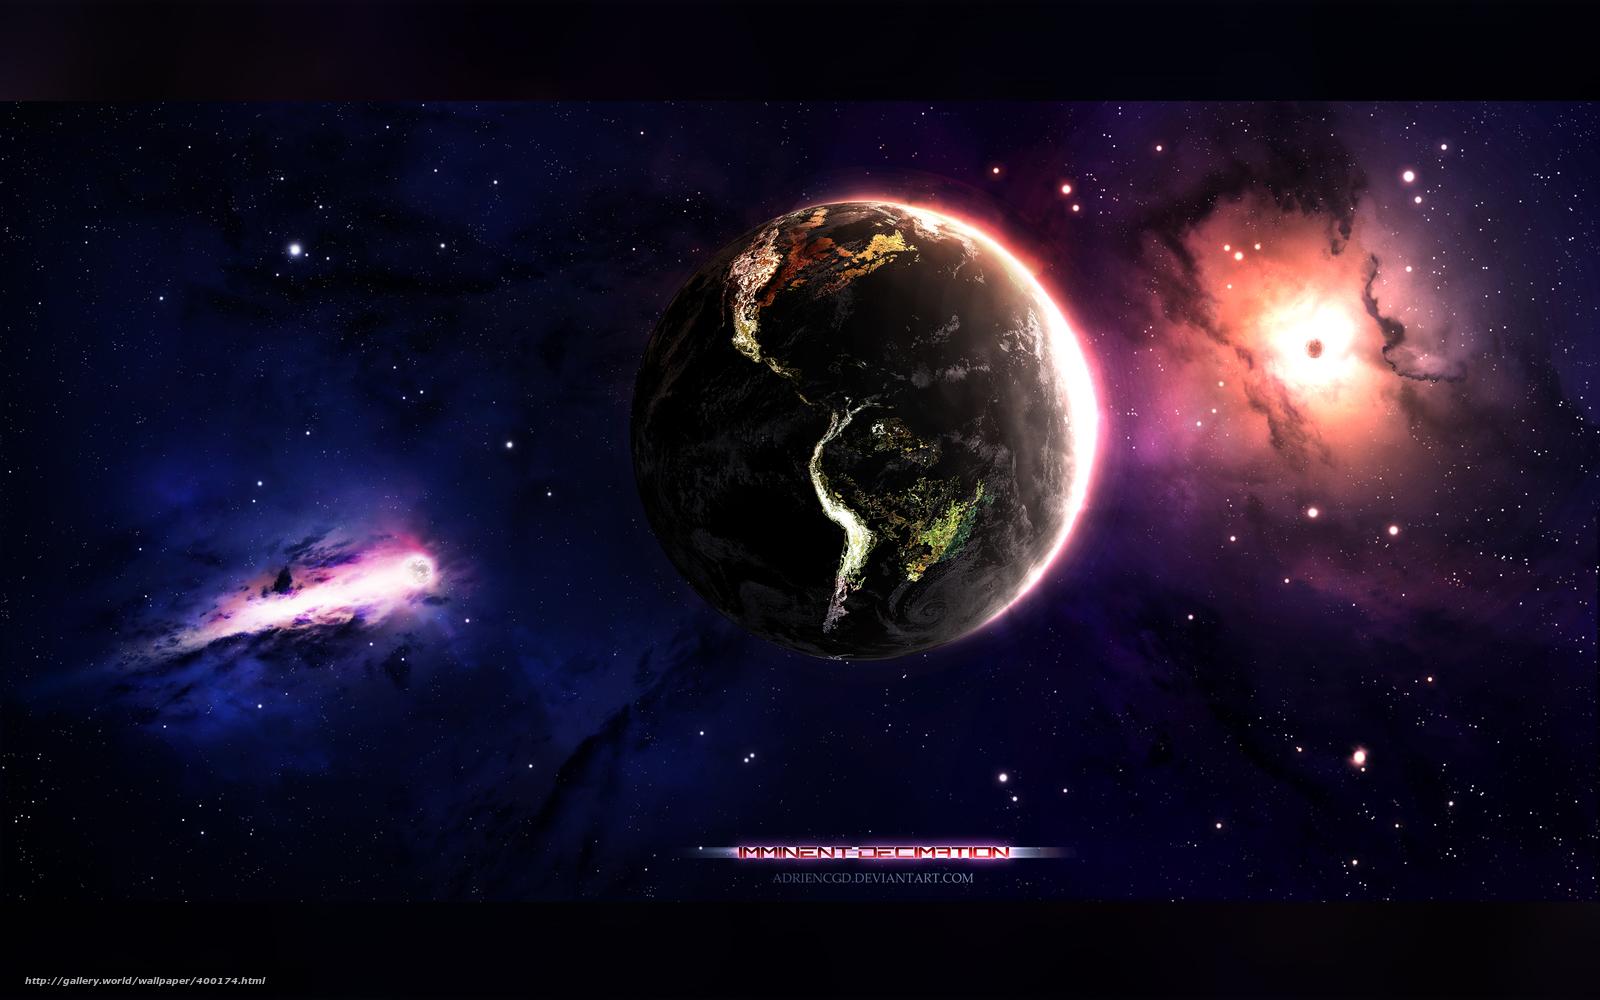 , арт, космос бесплатно для рабочего ...: ru.gde-fon.com/download/planeta_zemlya_art_kosmos_tumannost_zvezdy...